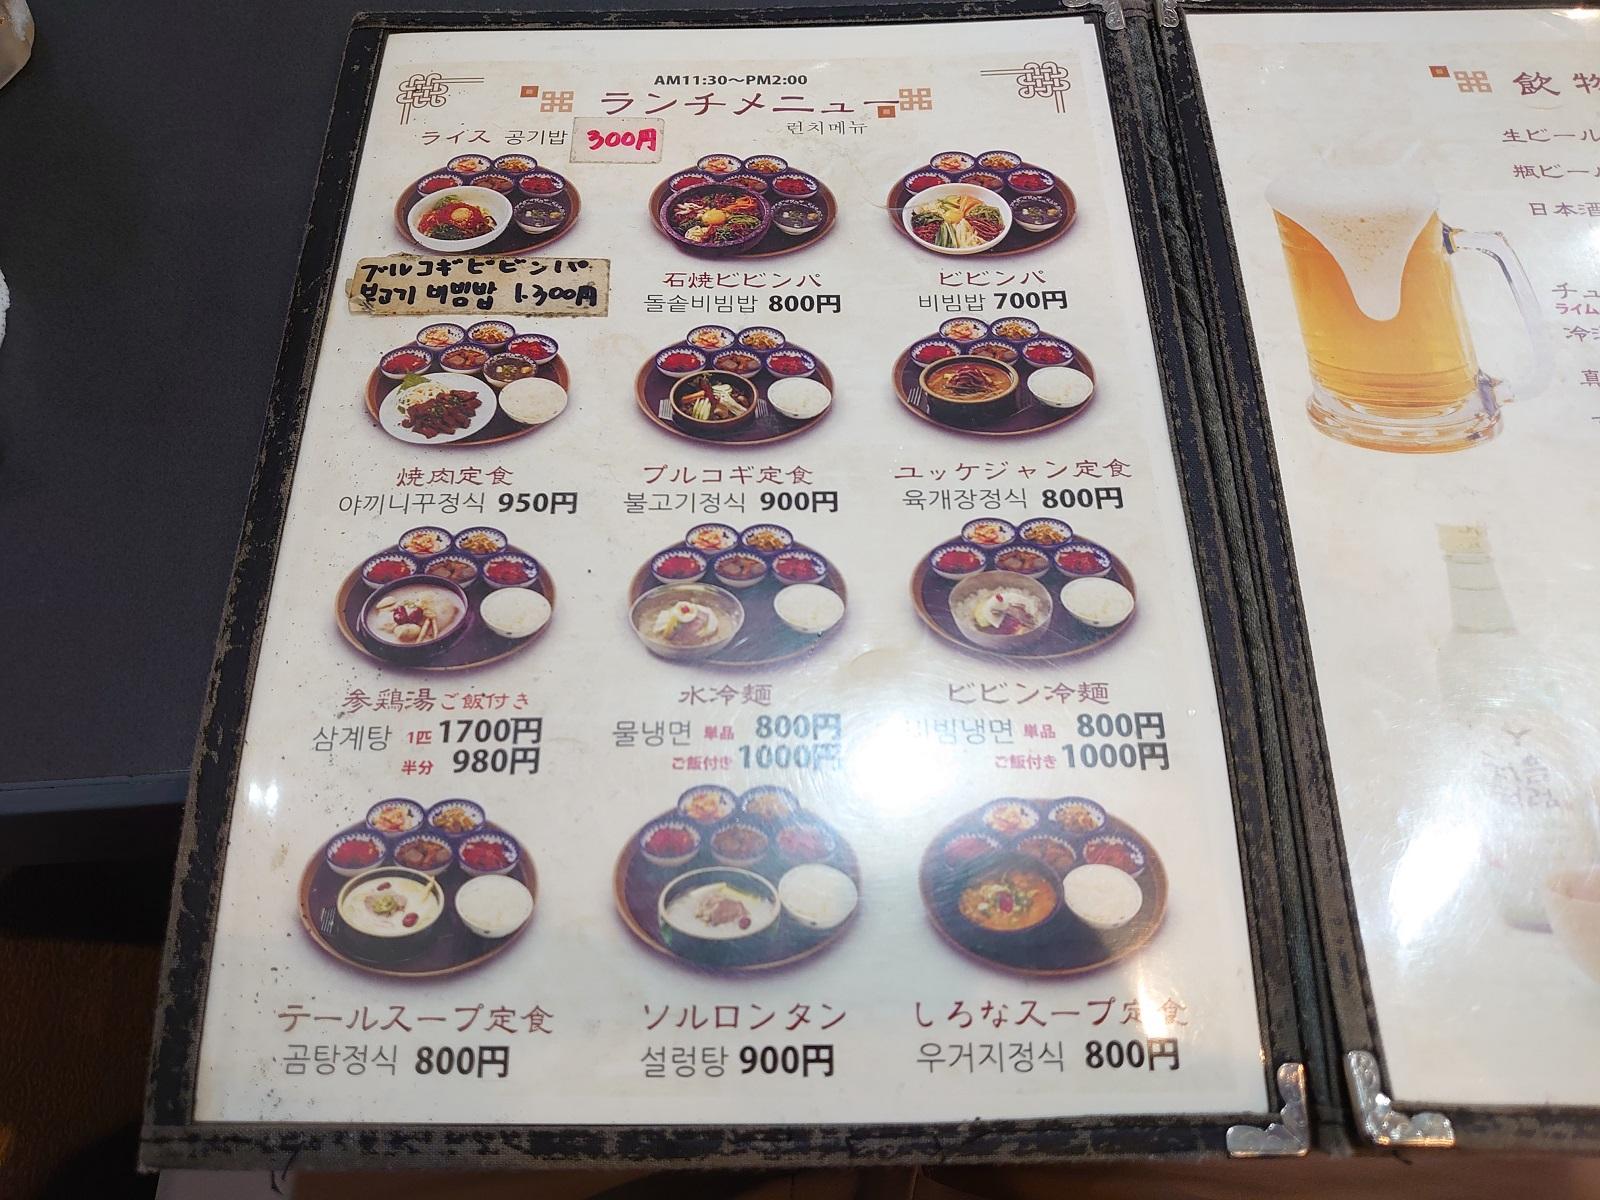 韓国家庭料理ソウル:メニュー